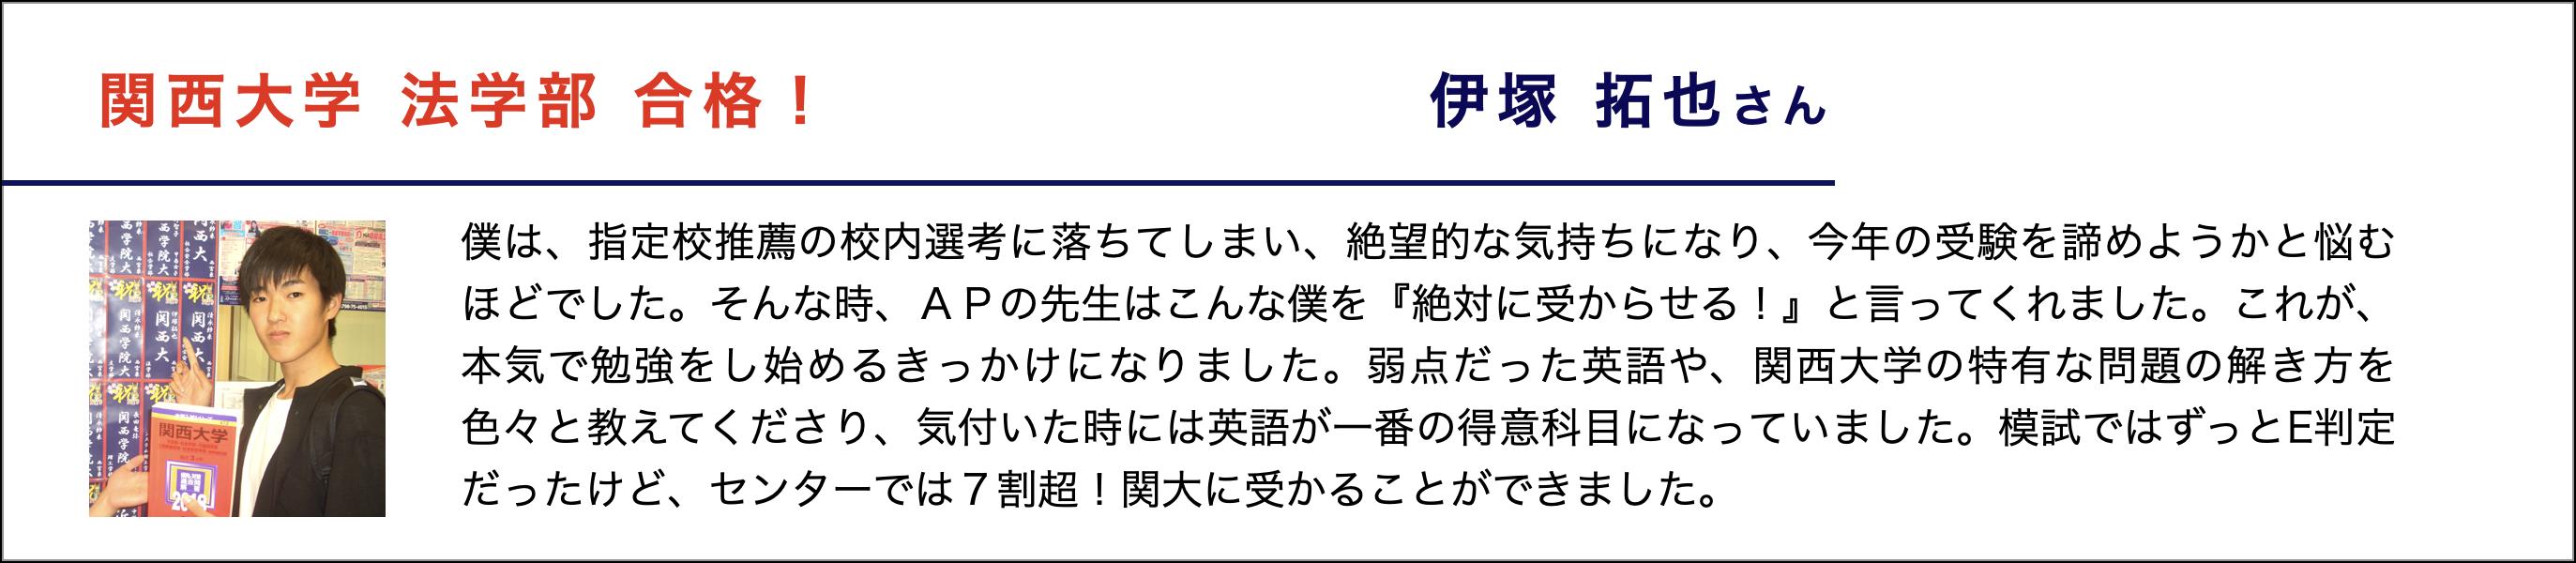 伊塚拓也さん